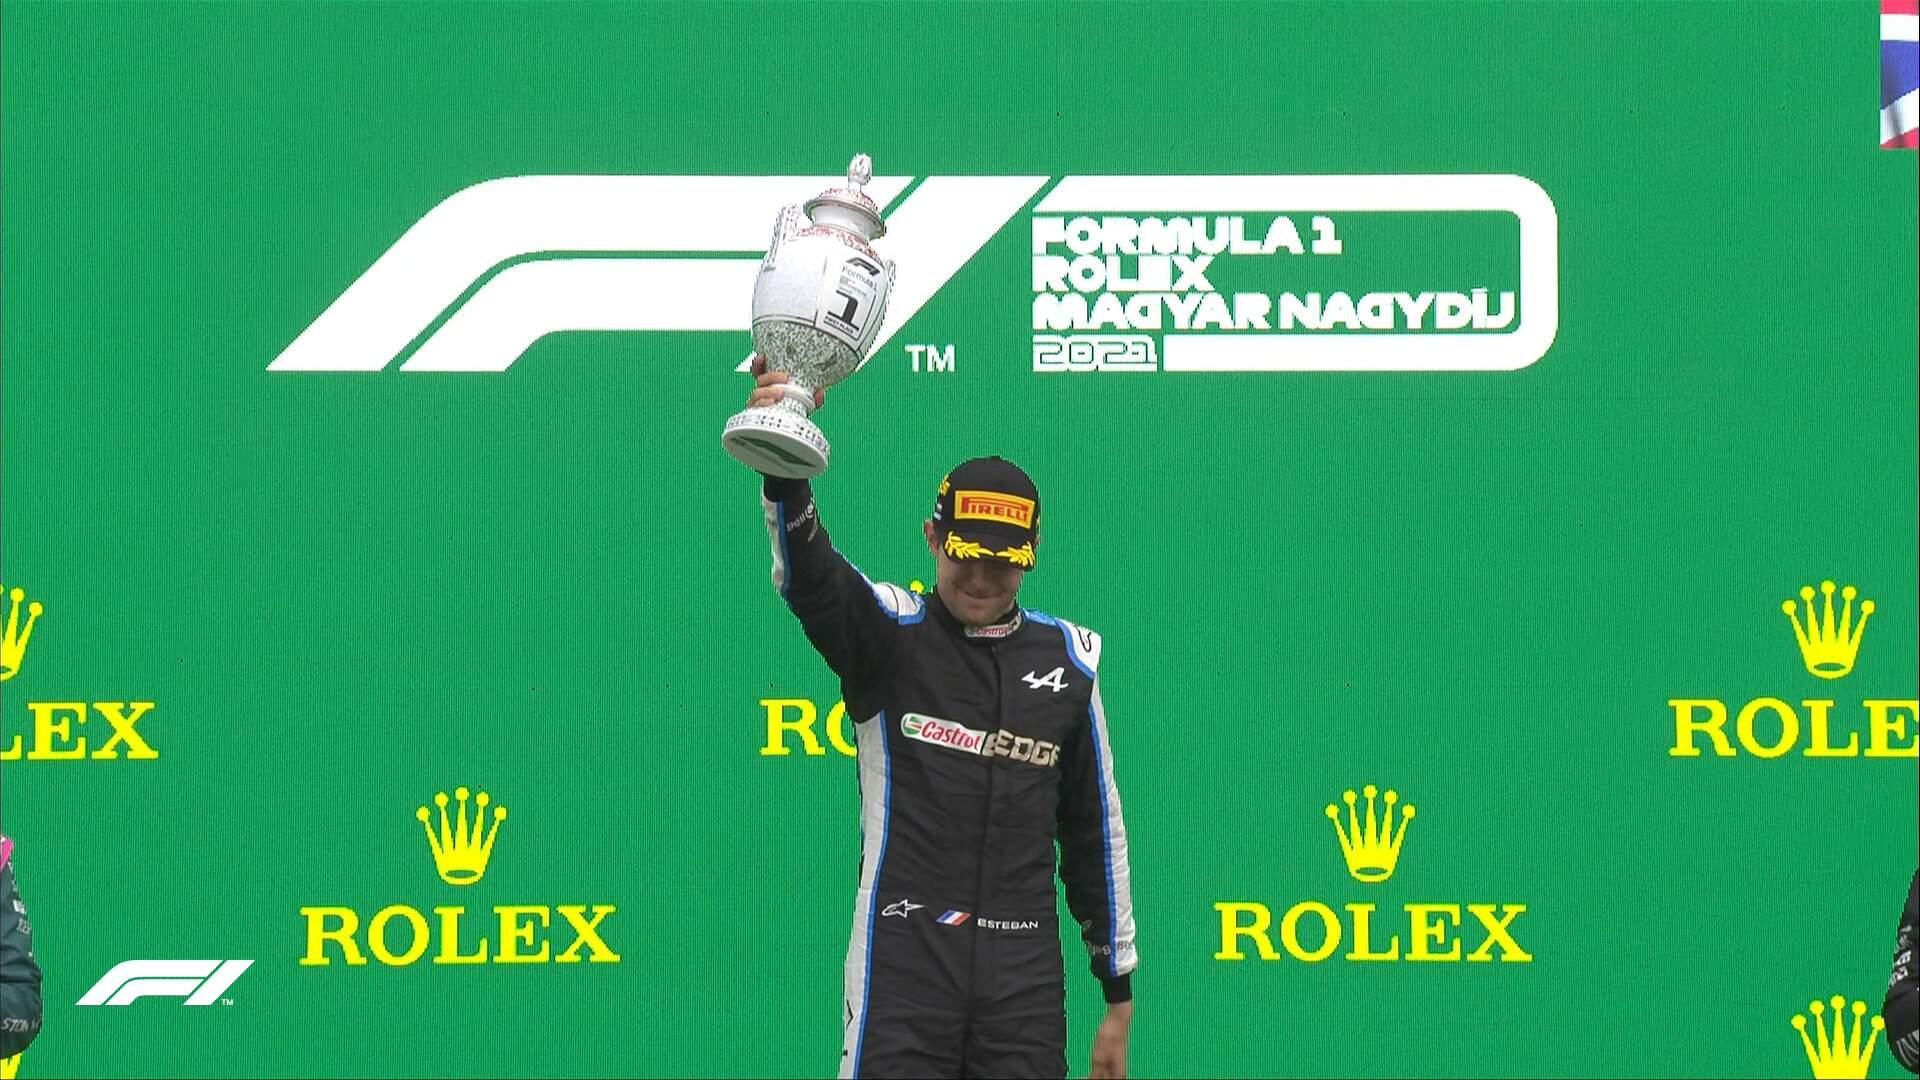 Piloto francês Esteban Ocon, da Alpine superou favoritos e garantiu o lugar mais alto no pódio (Foto: Divulgação/F1)